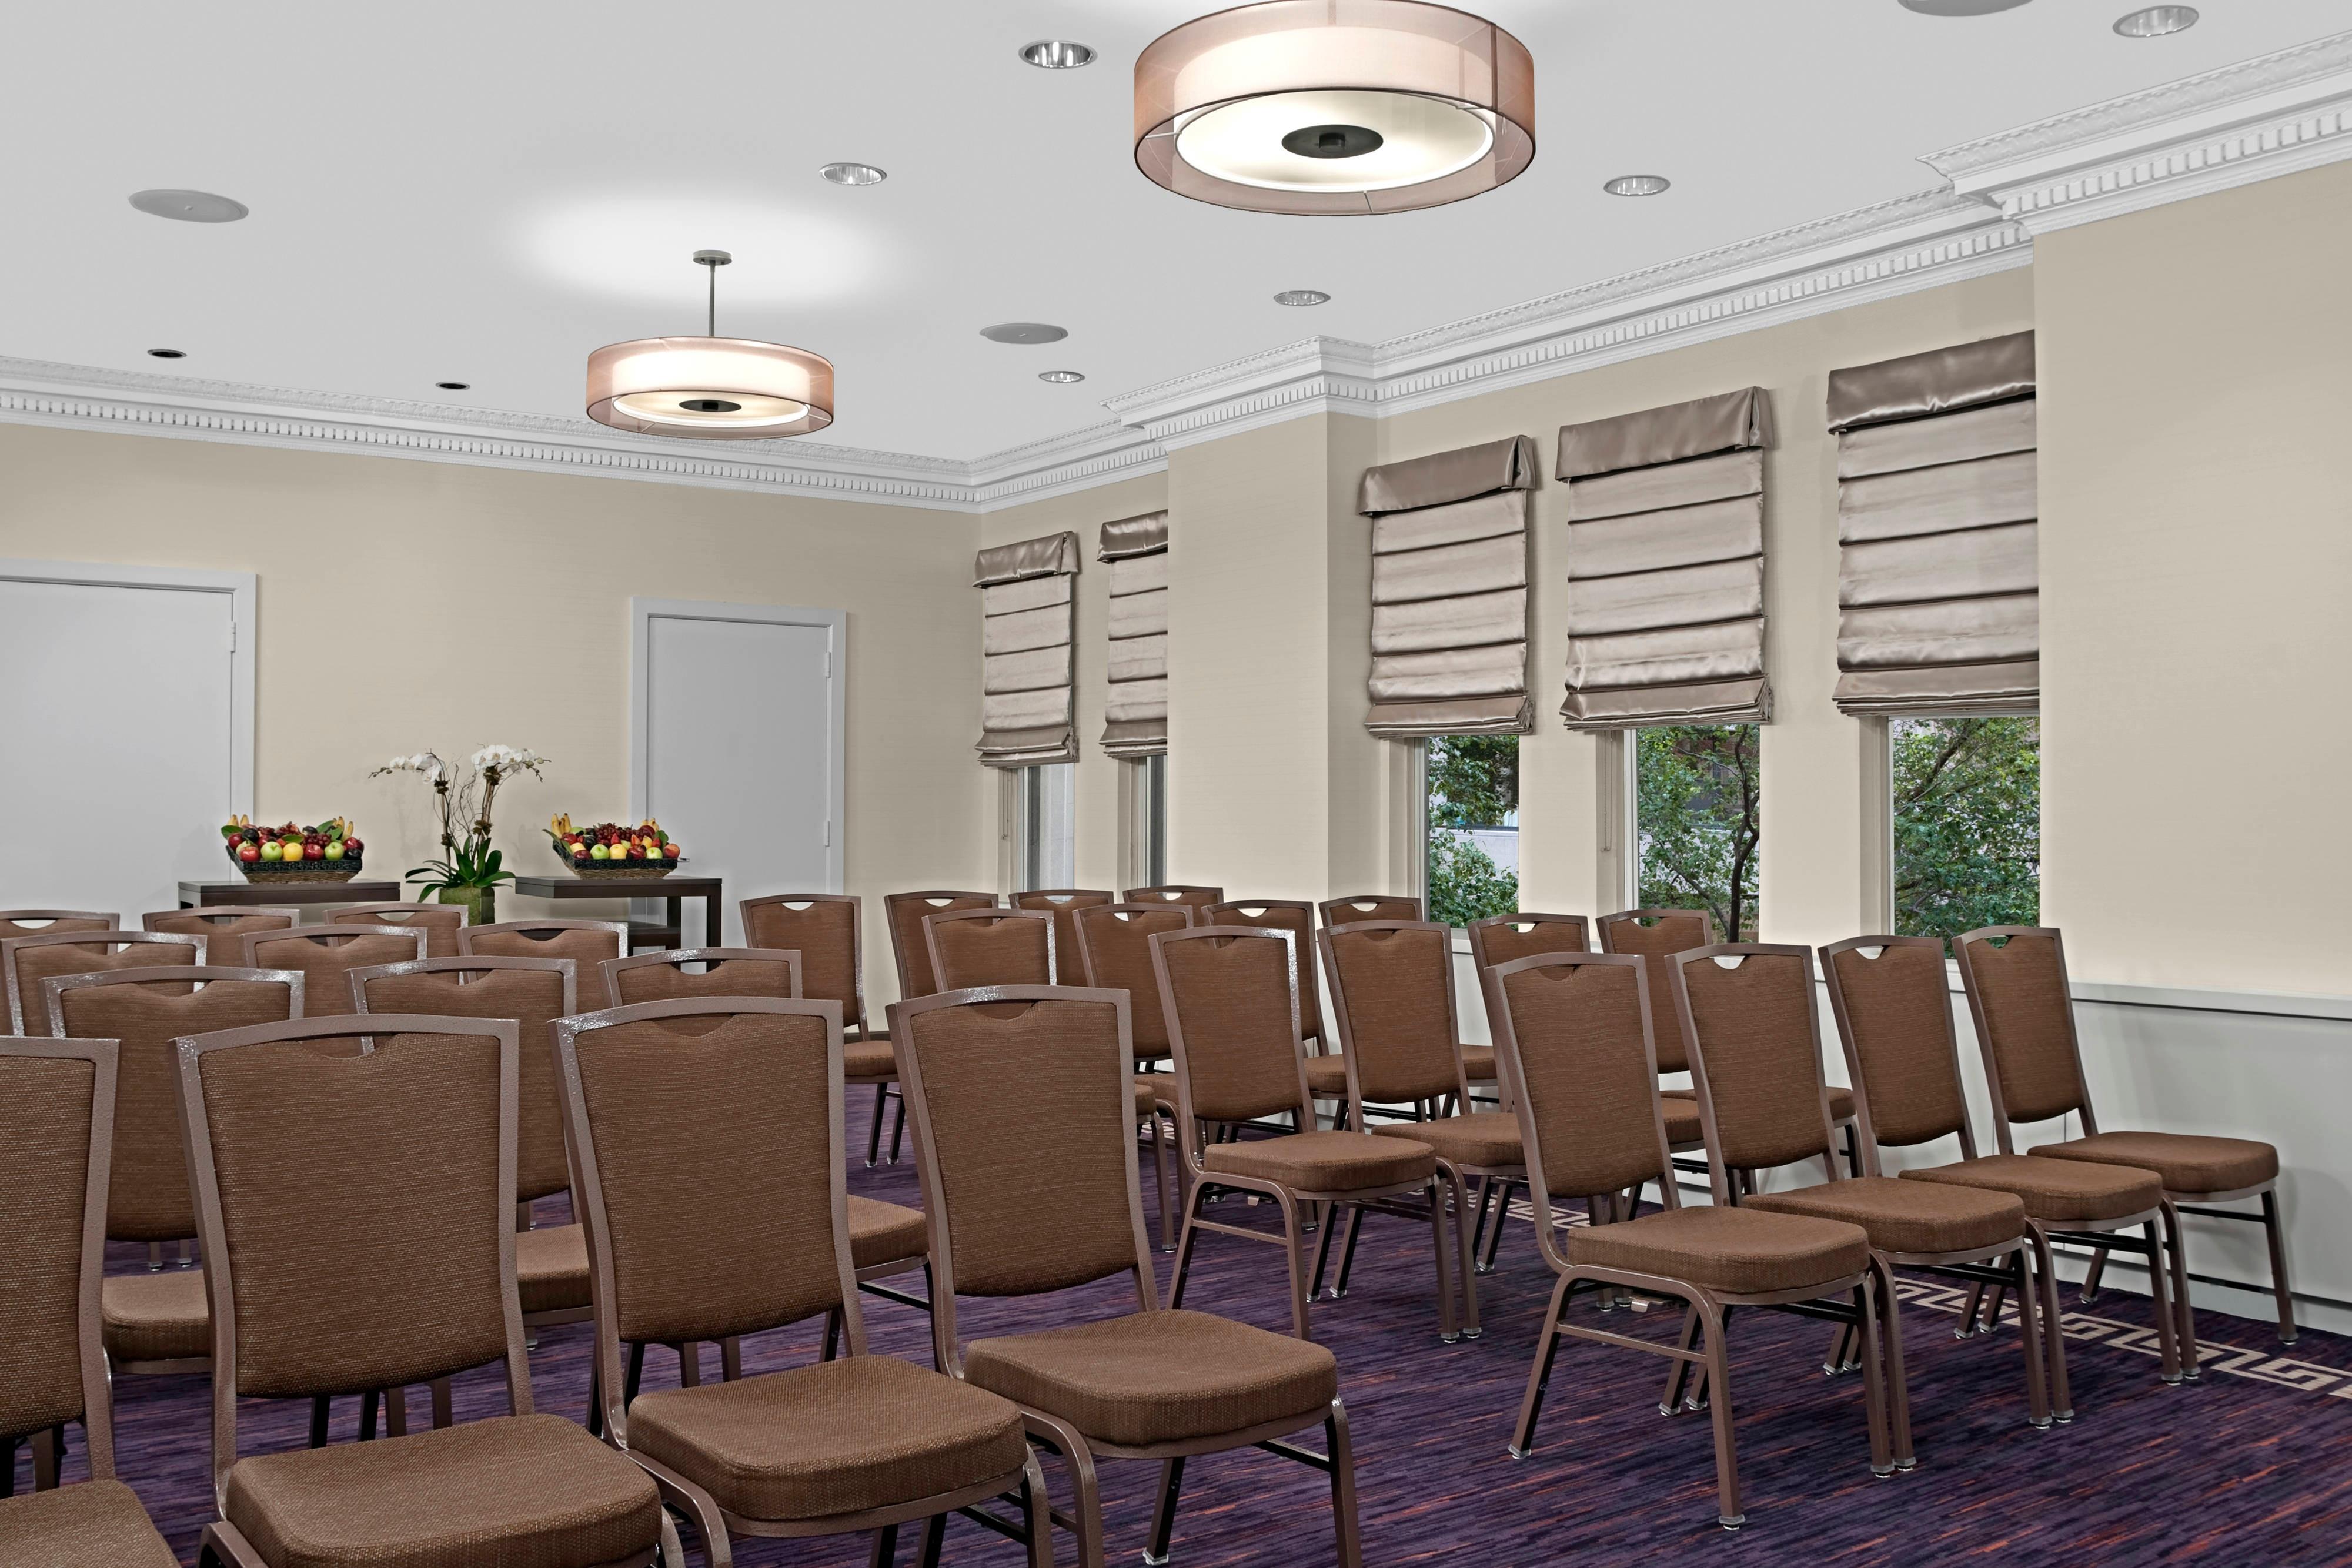 Espacio para reuniones del hotel, salas de reuniones, sala de juntas, espacio para eventos del hotel.